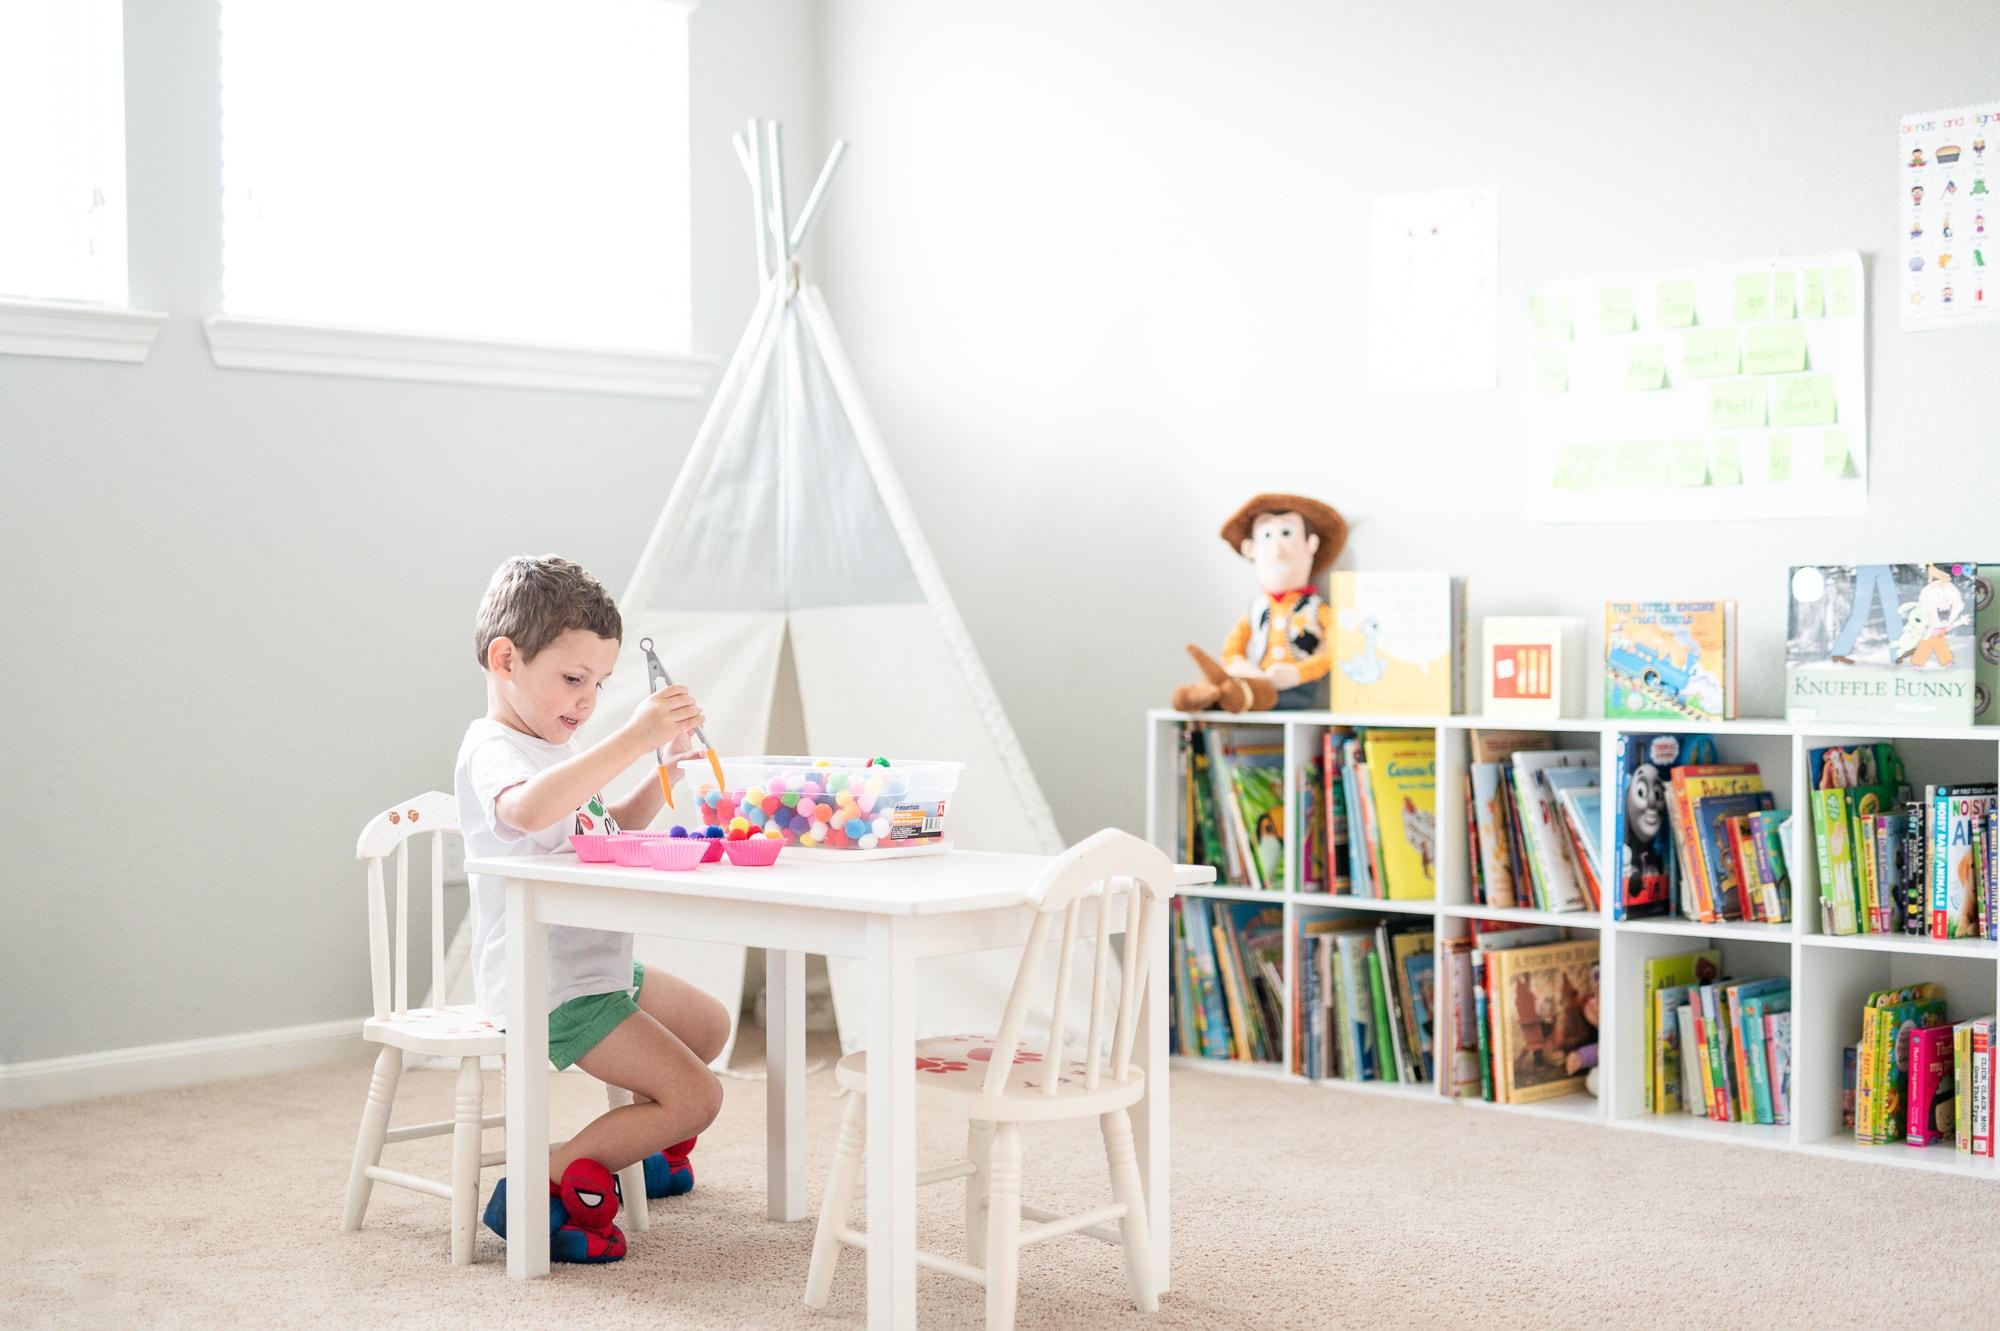 20 educational activities to do with your preschooler